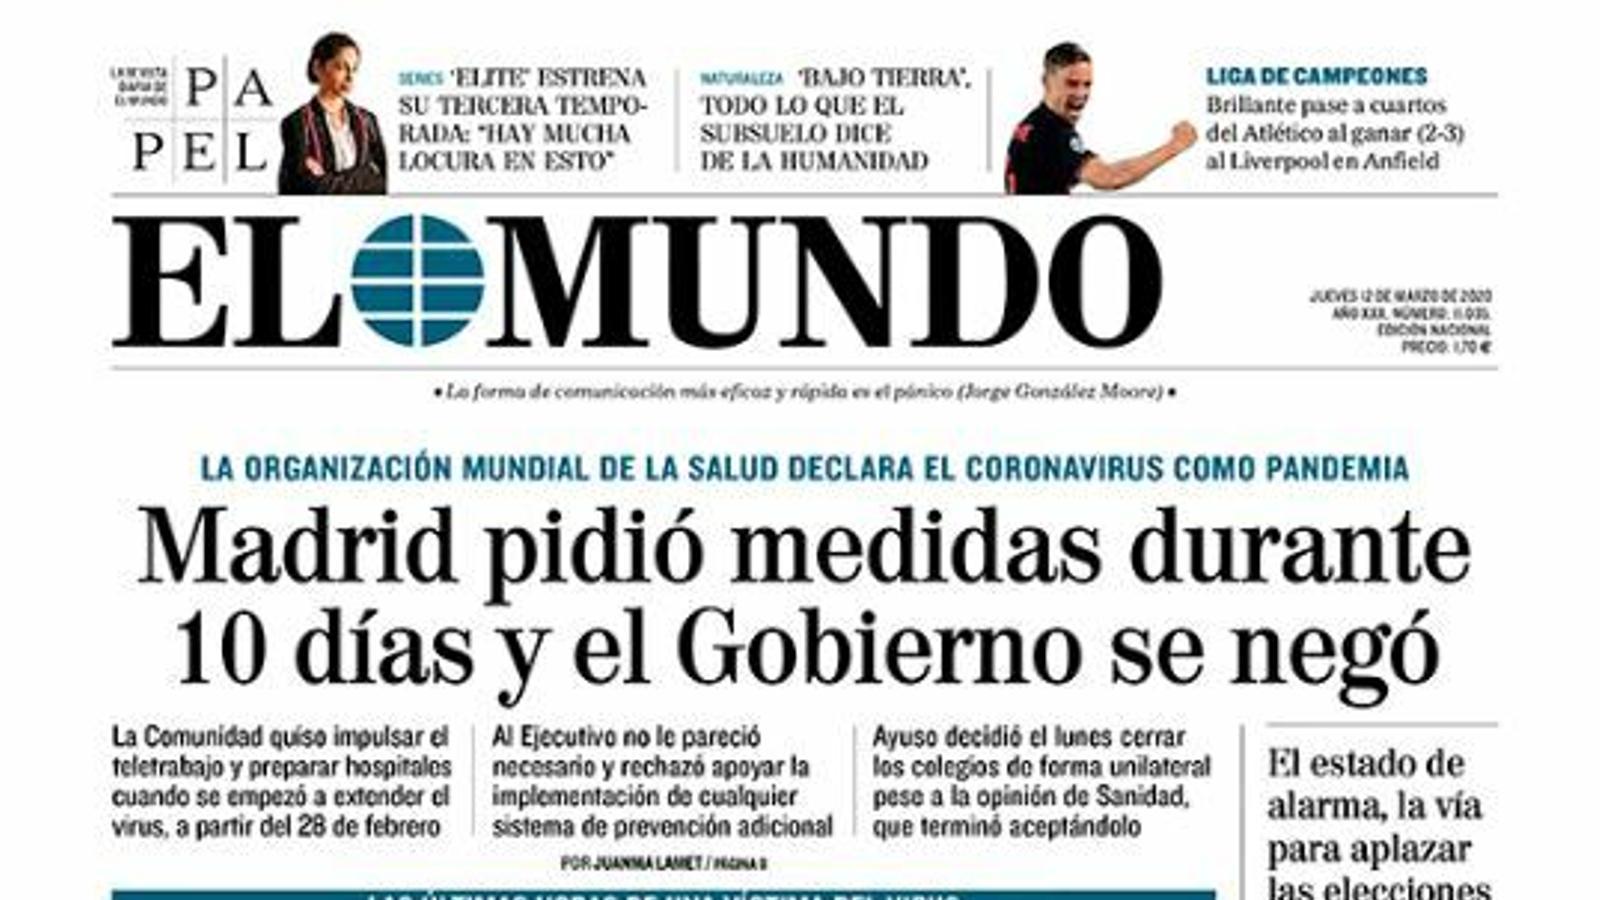 Portada d'El Mundo, 12 de març del 2020